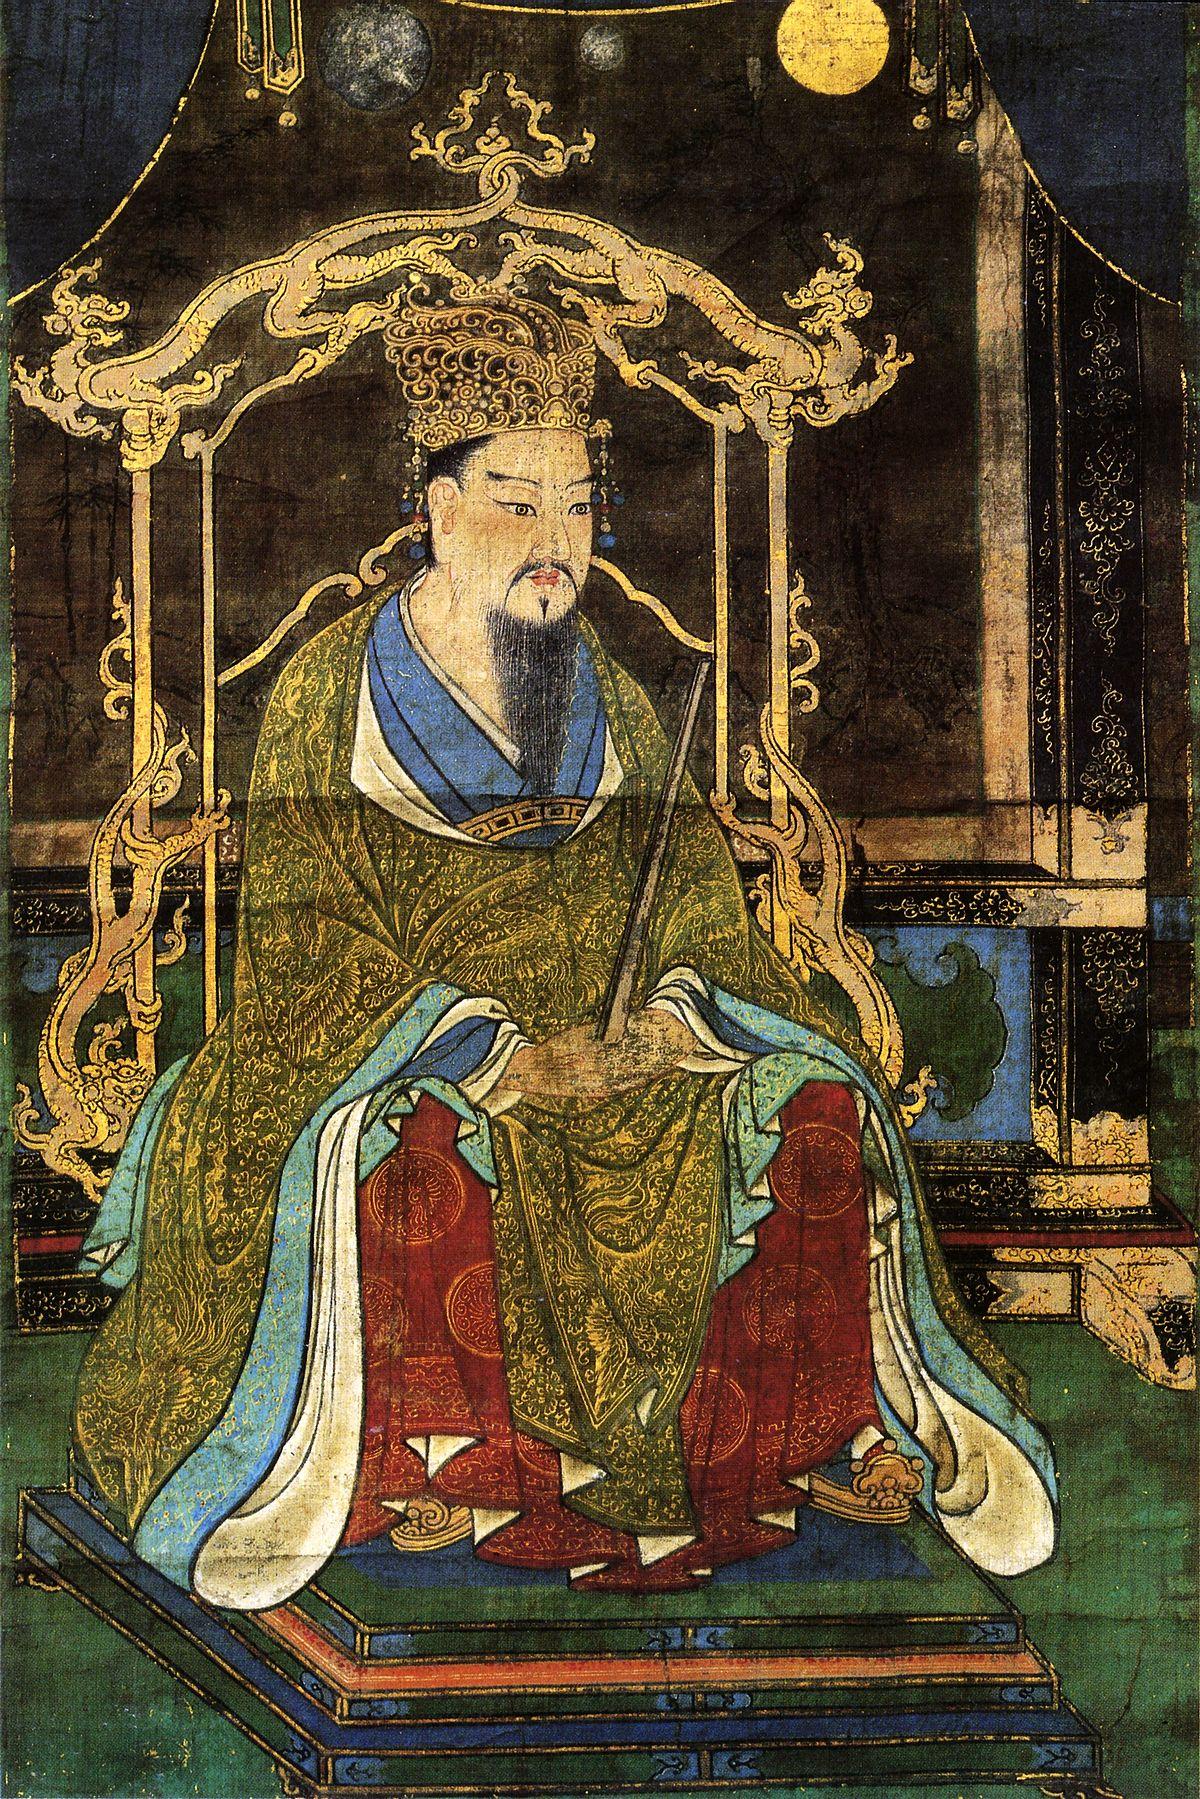 桓武天皇 - Wikipedia